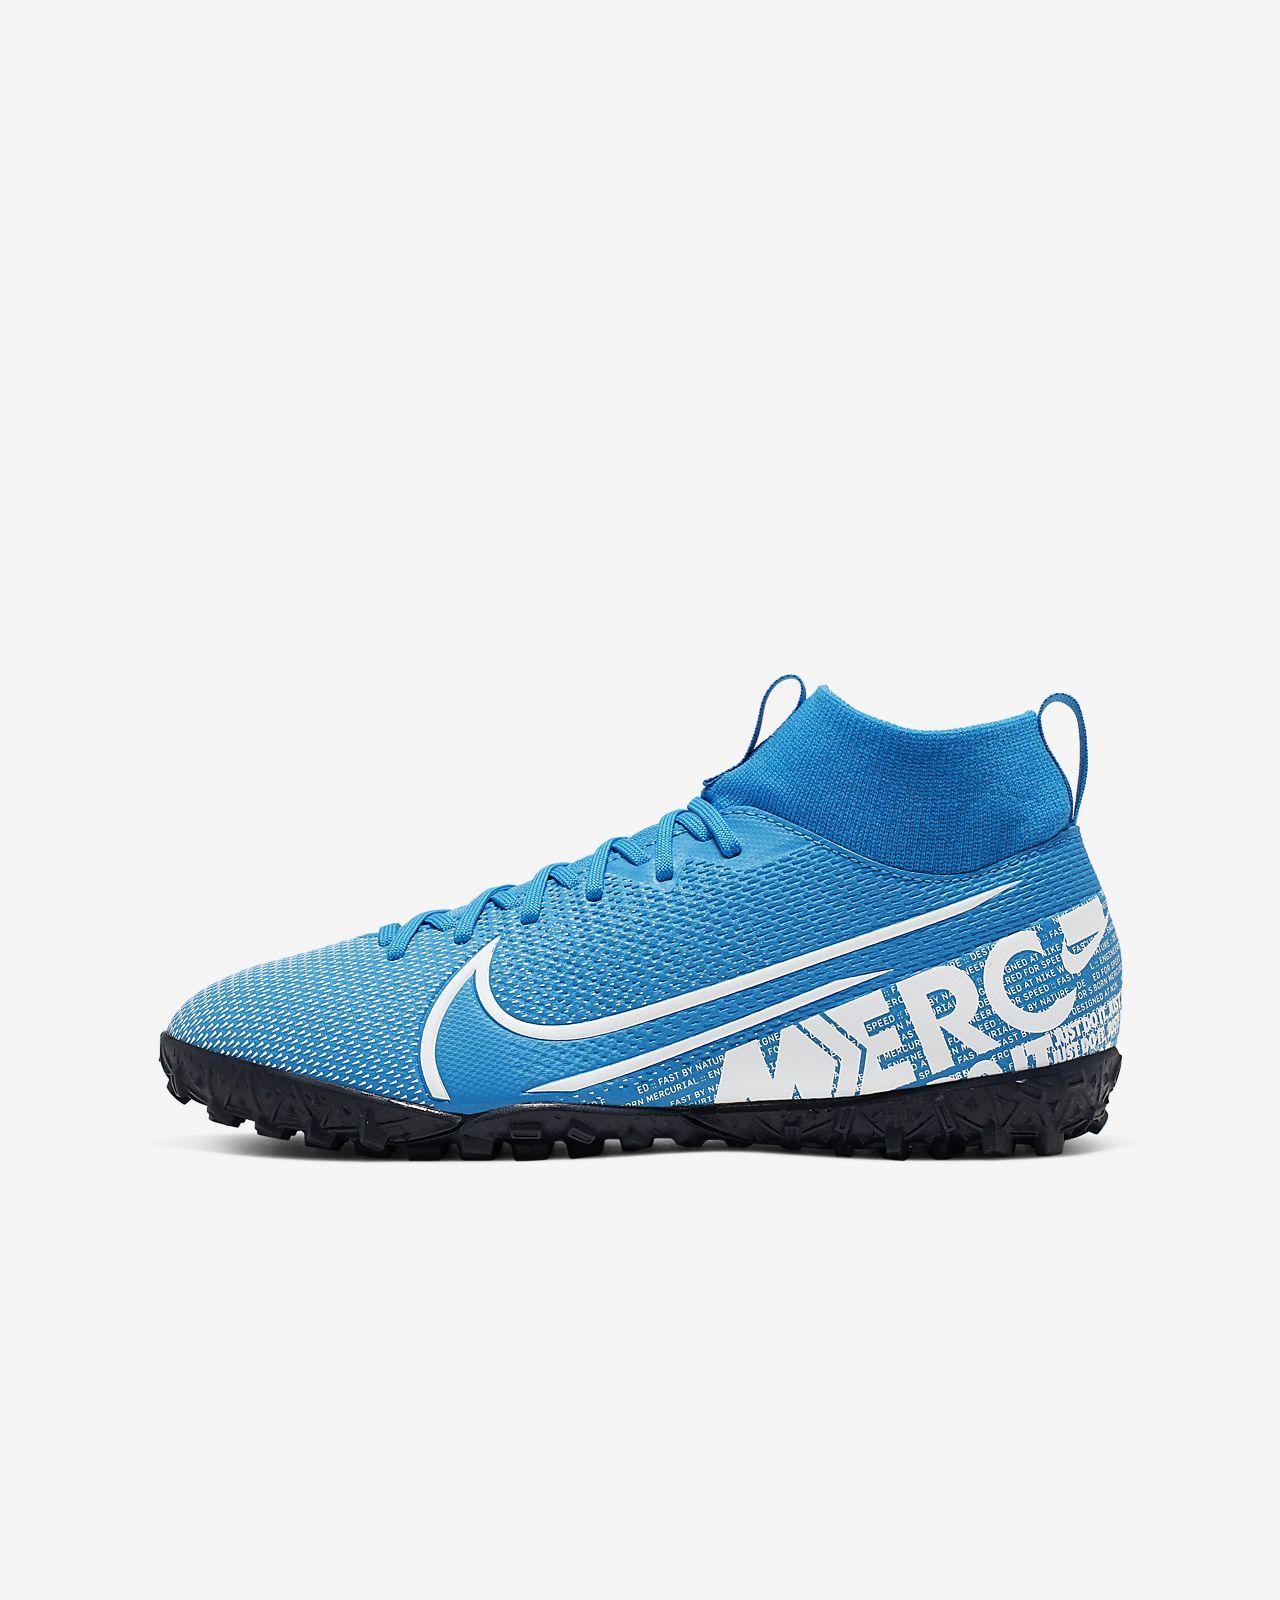 Nike Jr. Mercurial Superfly 7 Academy TF műgyepre készült futballcipő kisebb/nagyobb gyerekeknek